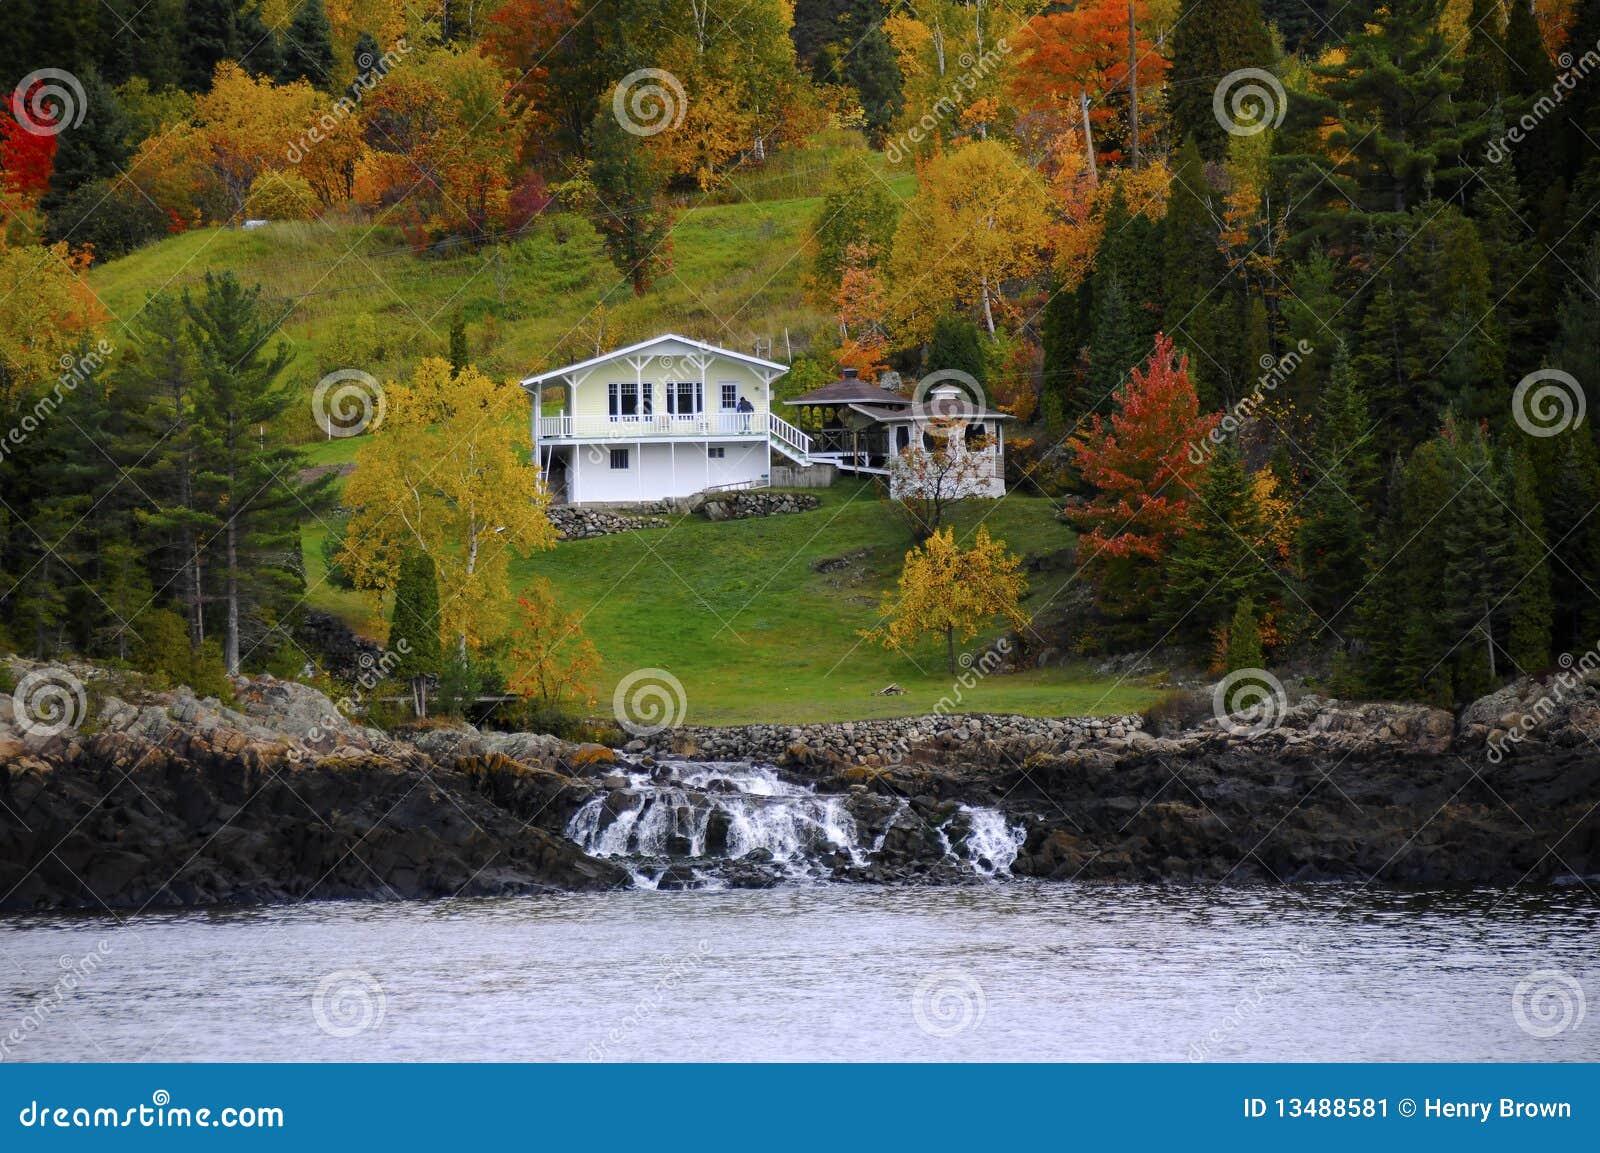 herbst in kanada stockbild bild von kanada wasser flu 13488581. Black Bedroom Furniture Sets. Home Design Ideas